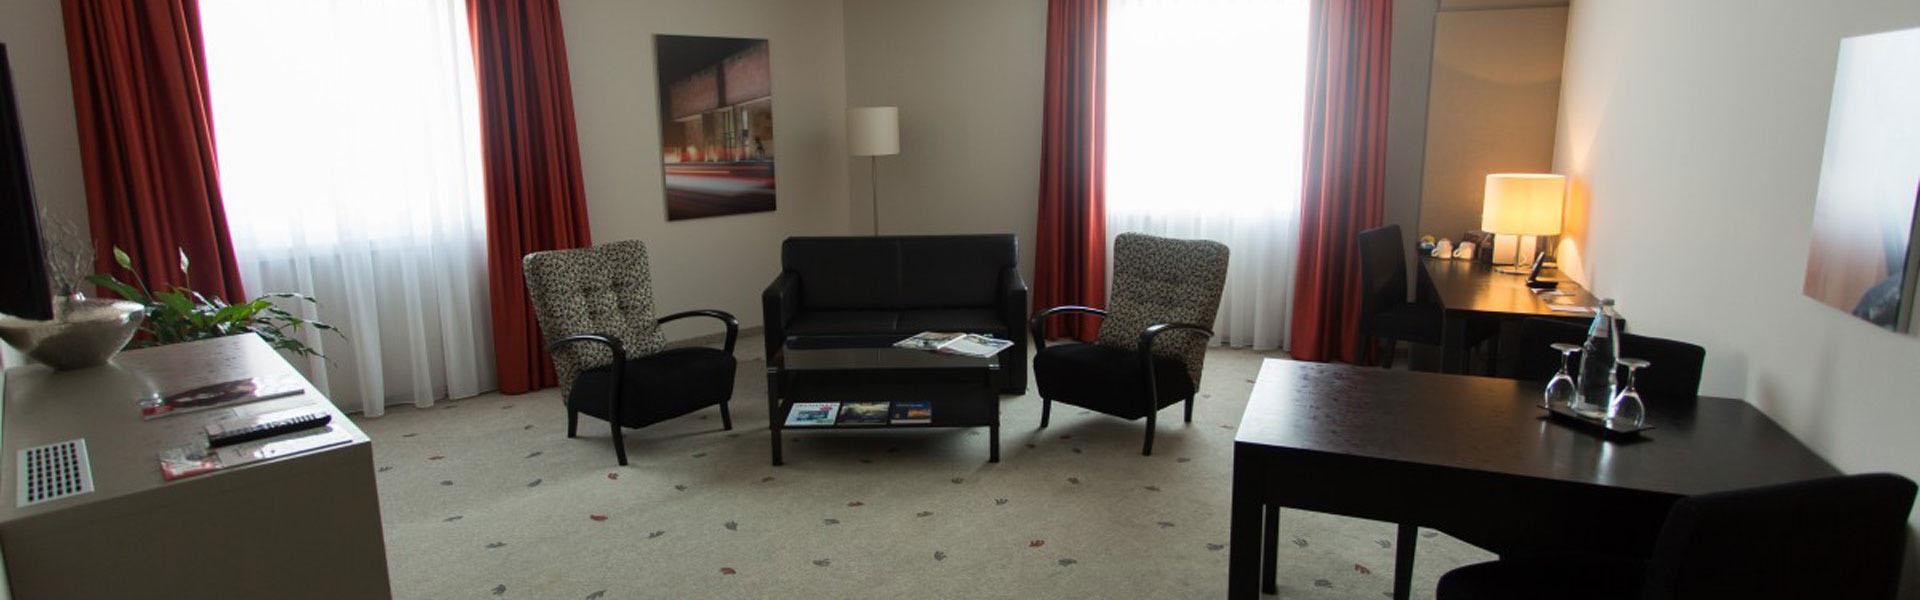 Wohnbereich Suite Hotel Bielefeld Innenstadt